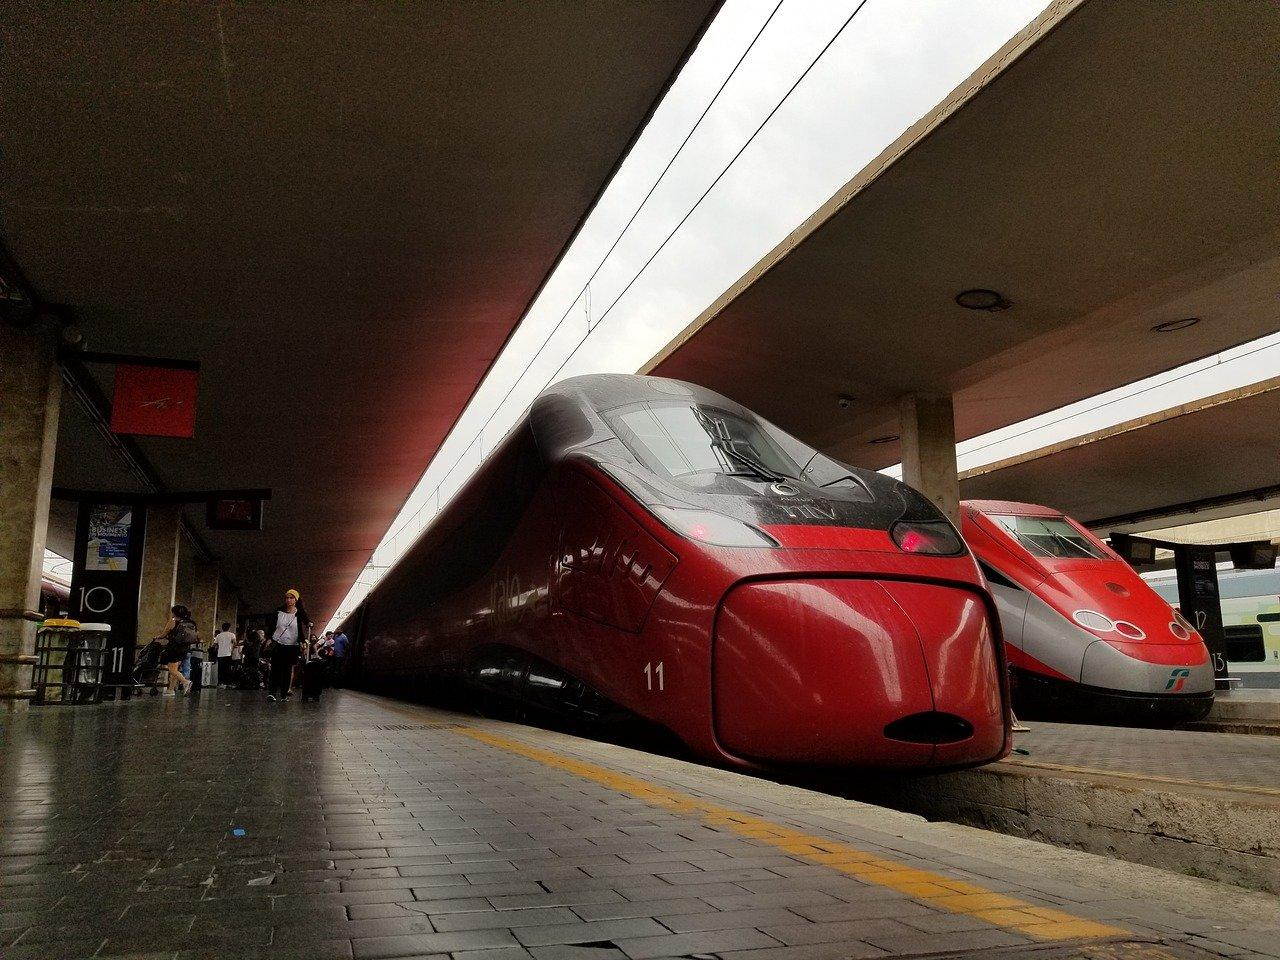 Italo e Trenitalia: l'Antitrust apre inchiesta sul prezzo dei biglietti